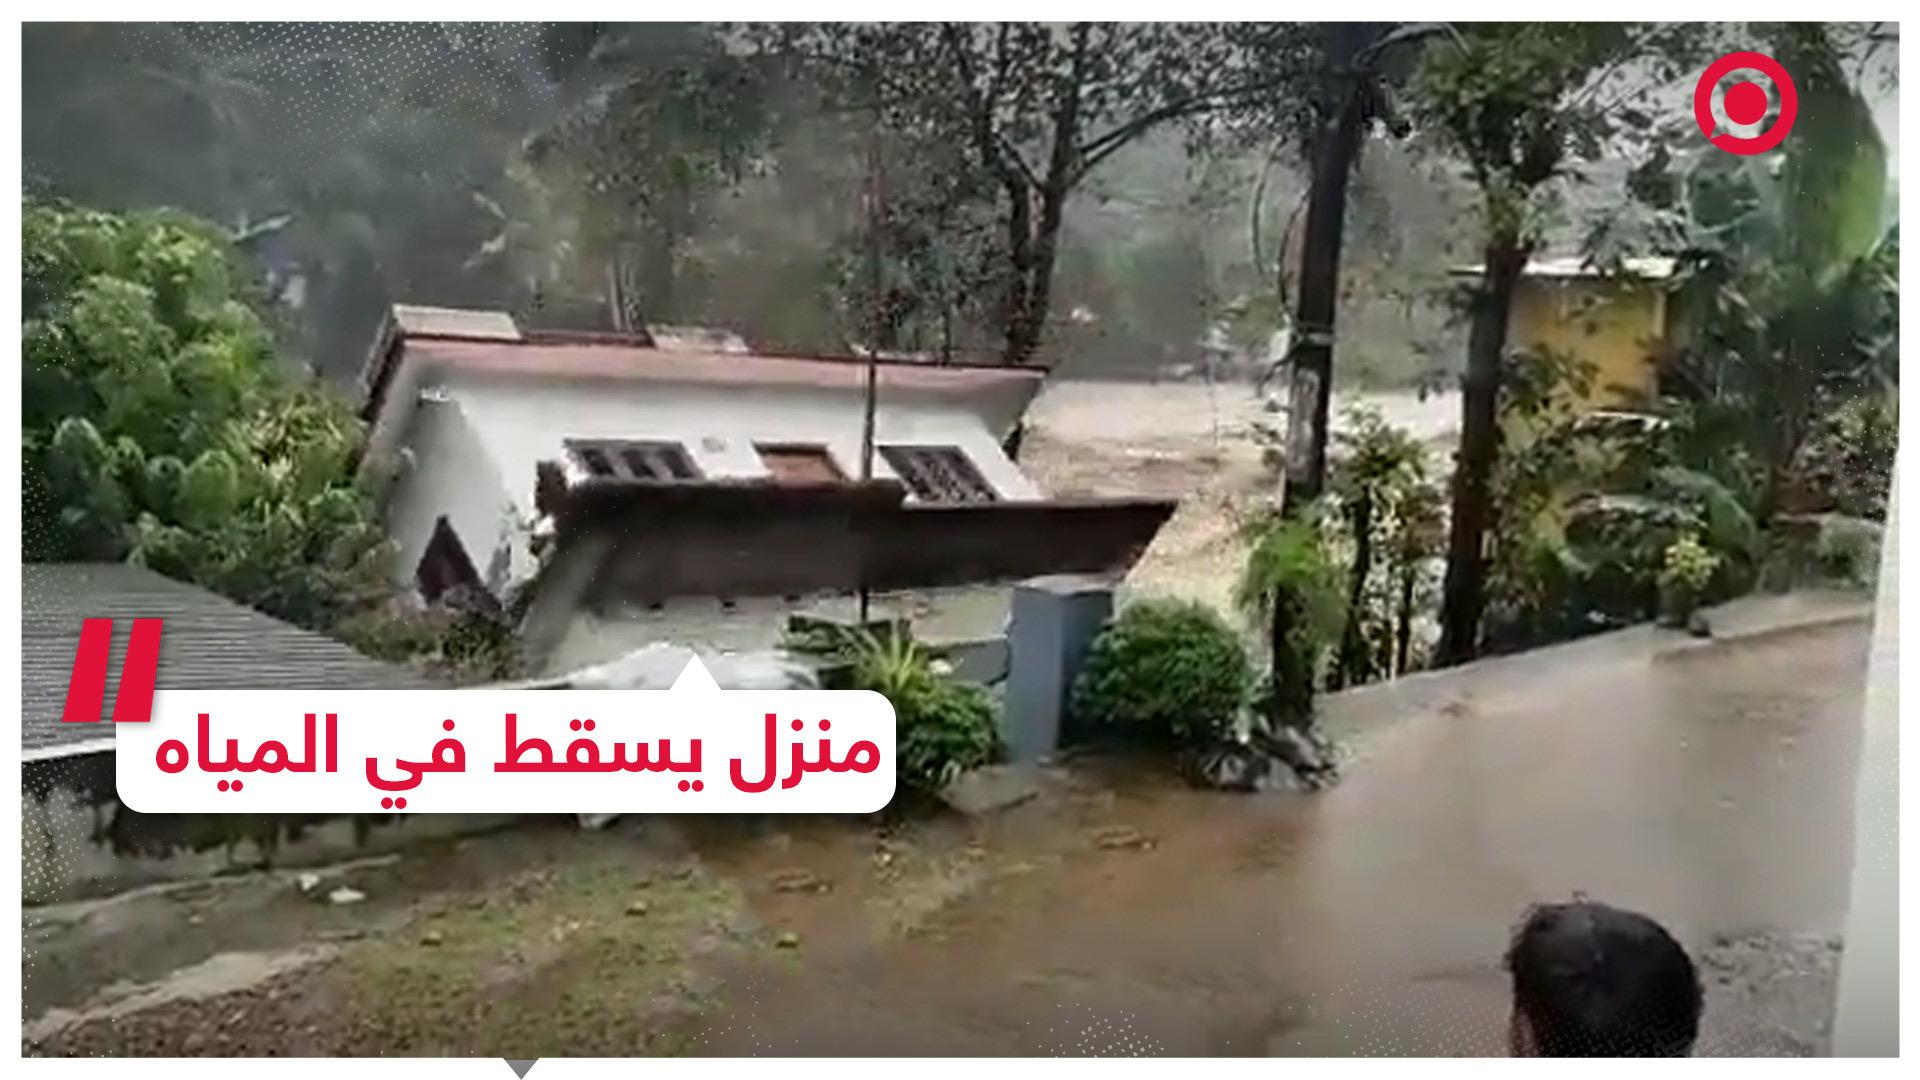 #فيضانات #مياه #الهند